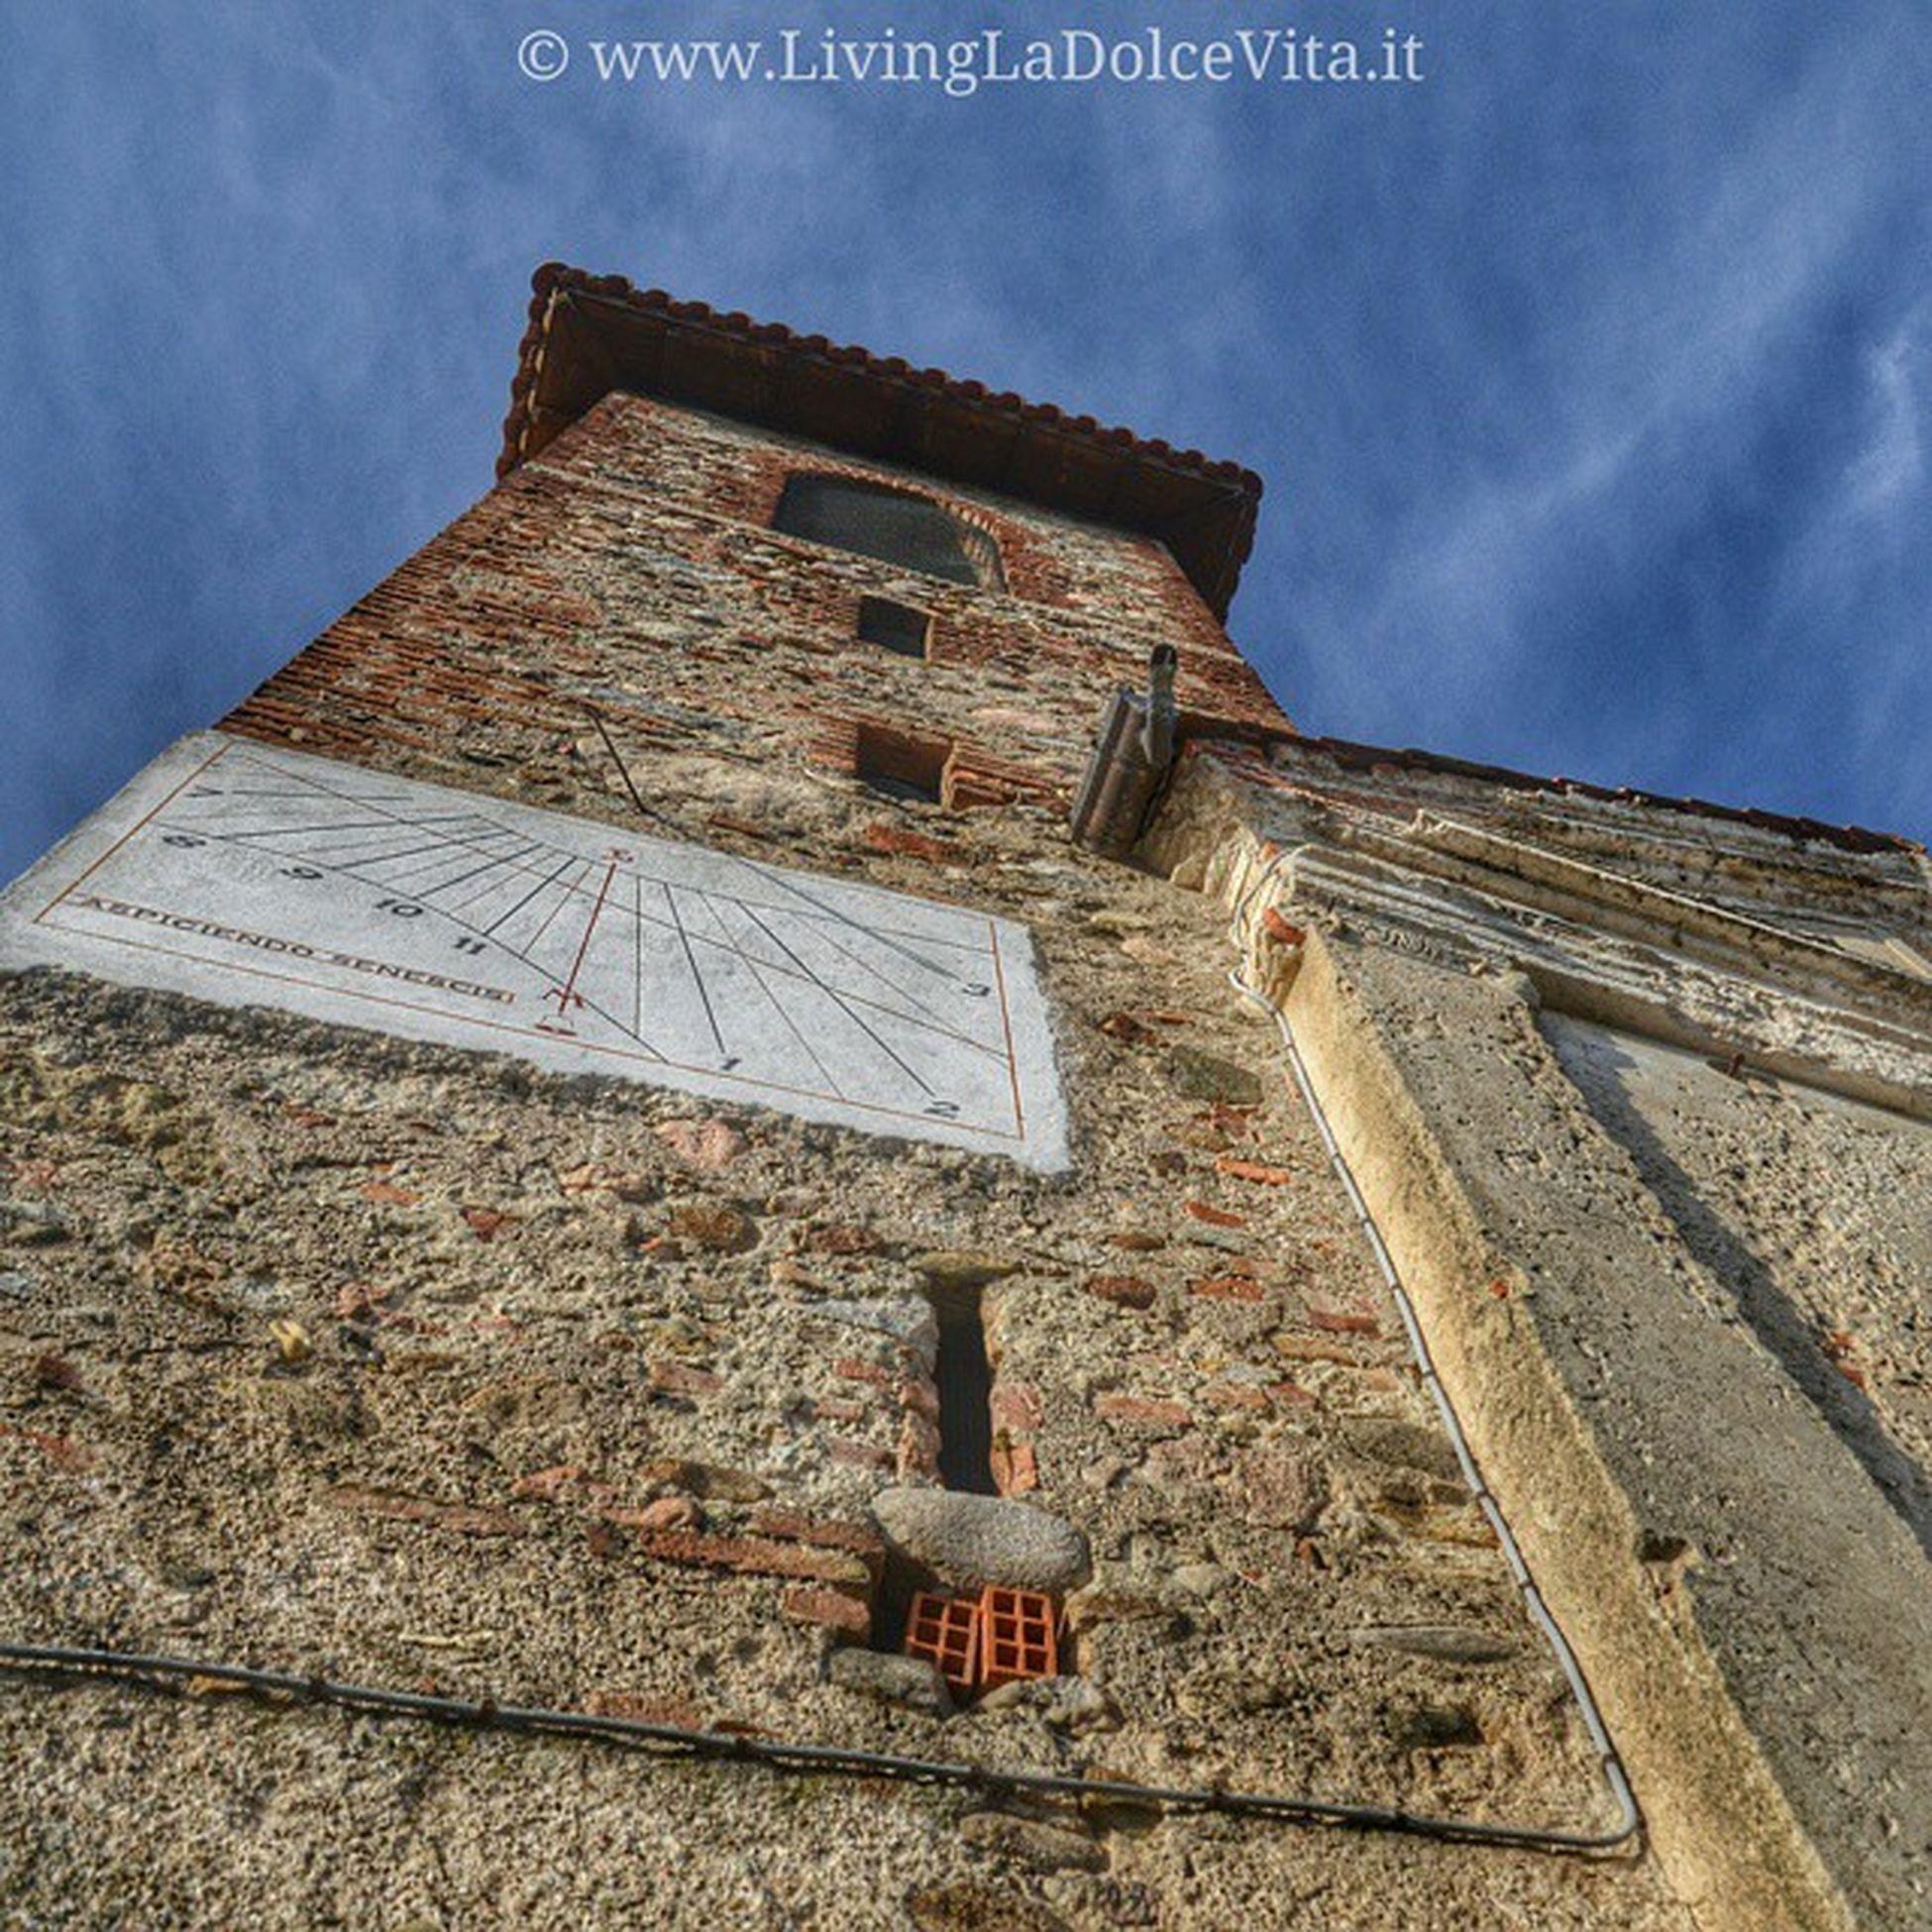 Chiesa di Santa Croce Frazione Caronno Corbellaro Castiglione Olona, Varese LivingLaDolceVita